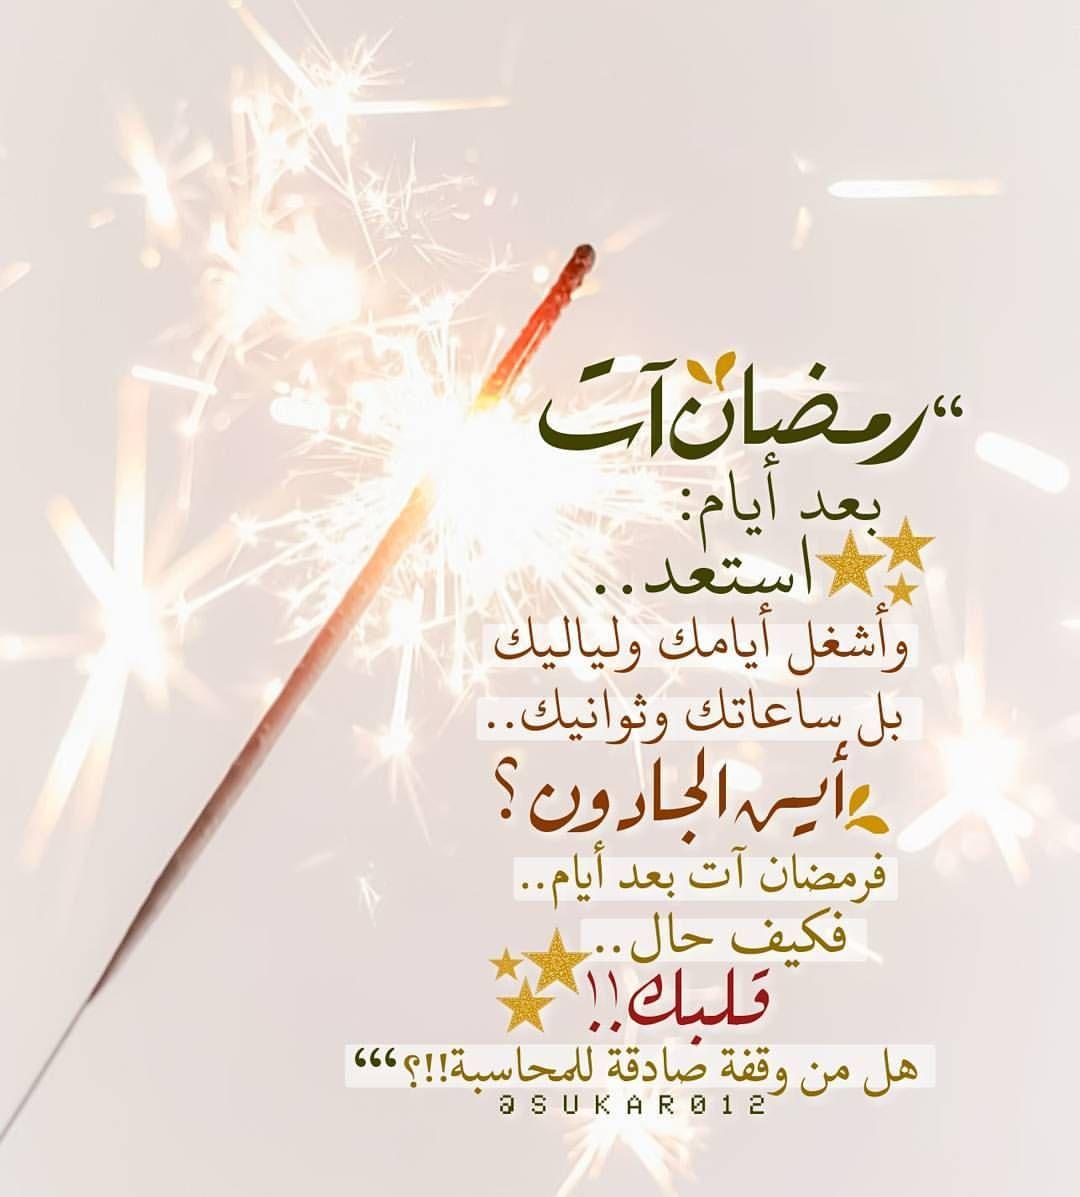 رمضان آت بعد أيام استعد وأشغل أيامك ولياليك بل ساعاتك وثوانيك أين الجادون فرمضان آت بعد أيام فكيف حال قلبك هل من وقفة صادقة Ramadan Ramadan Kareem Allah